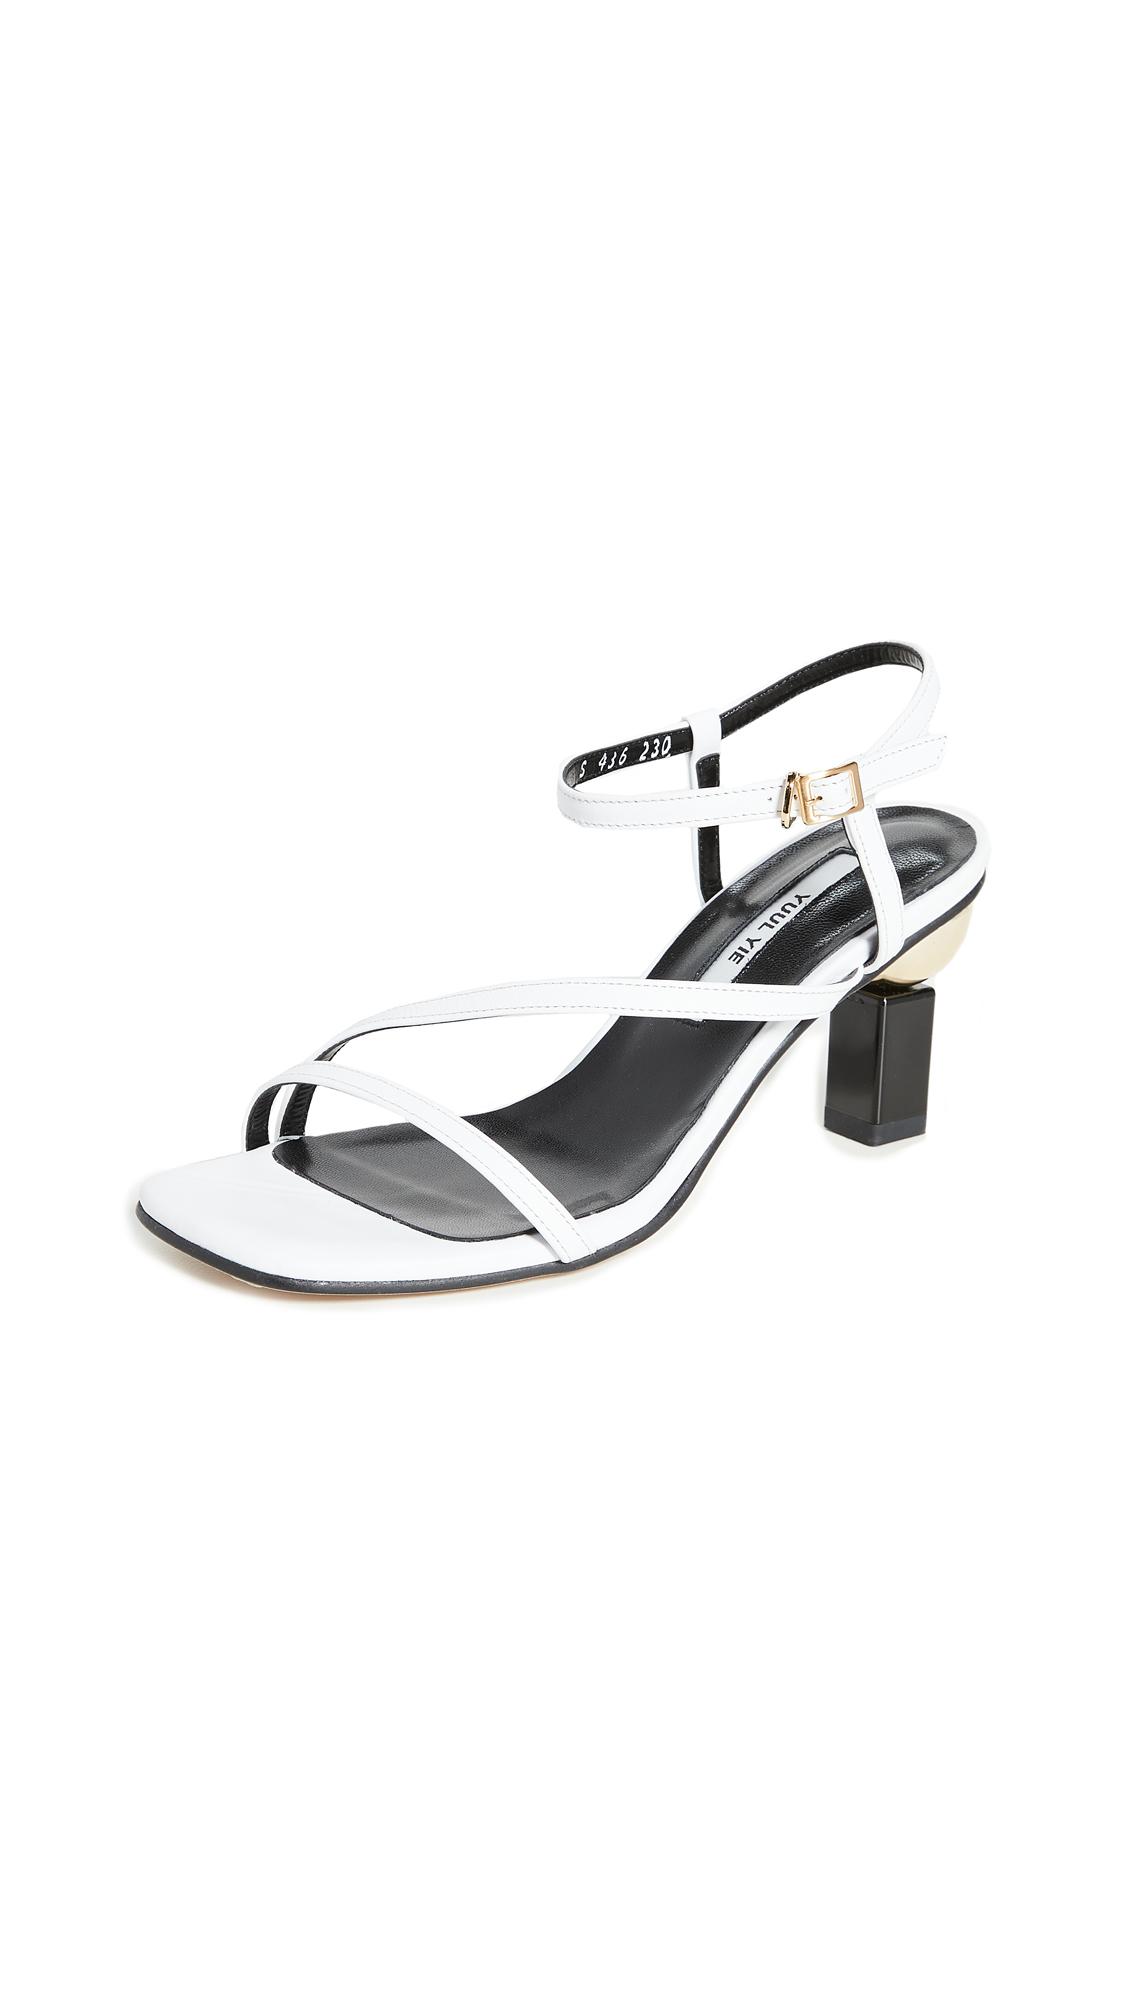 Buy Yuul Yie Sofia Sandals online, shop Yuul Yie